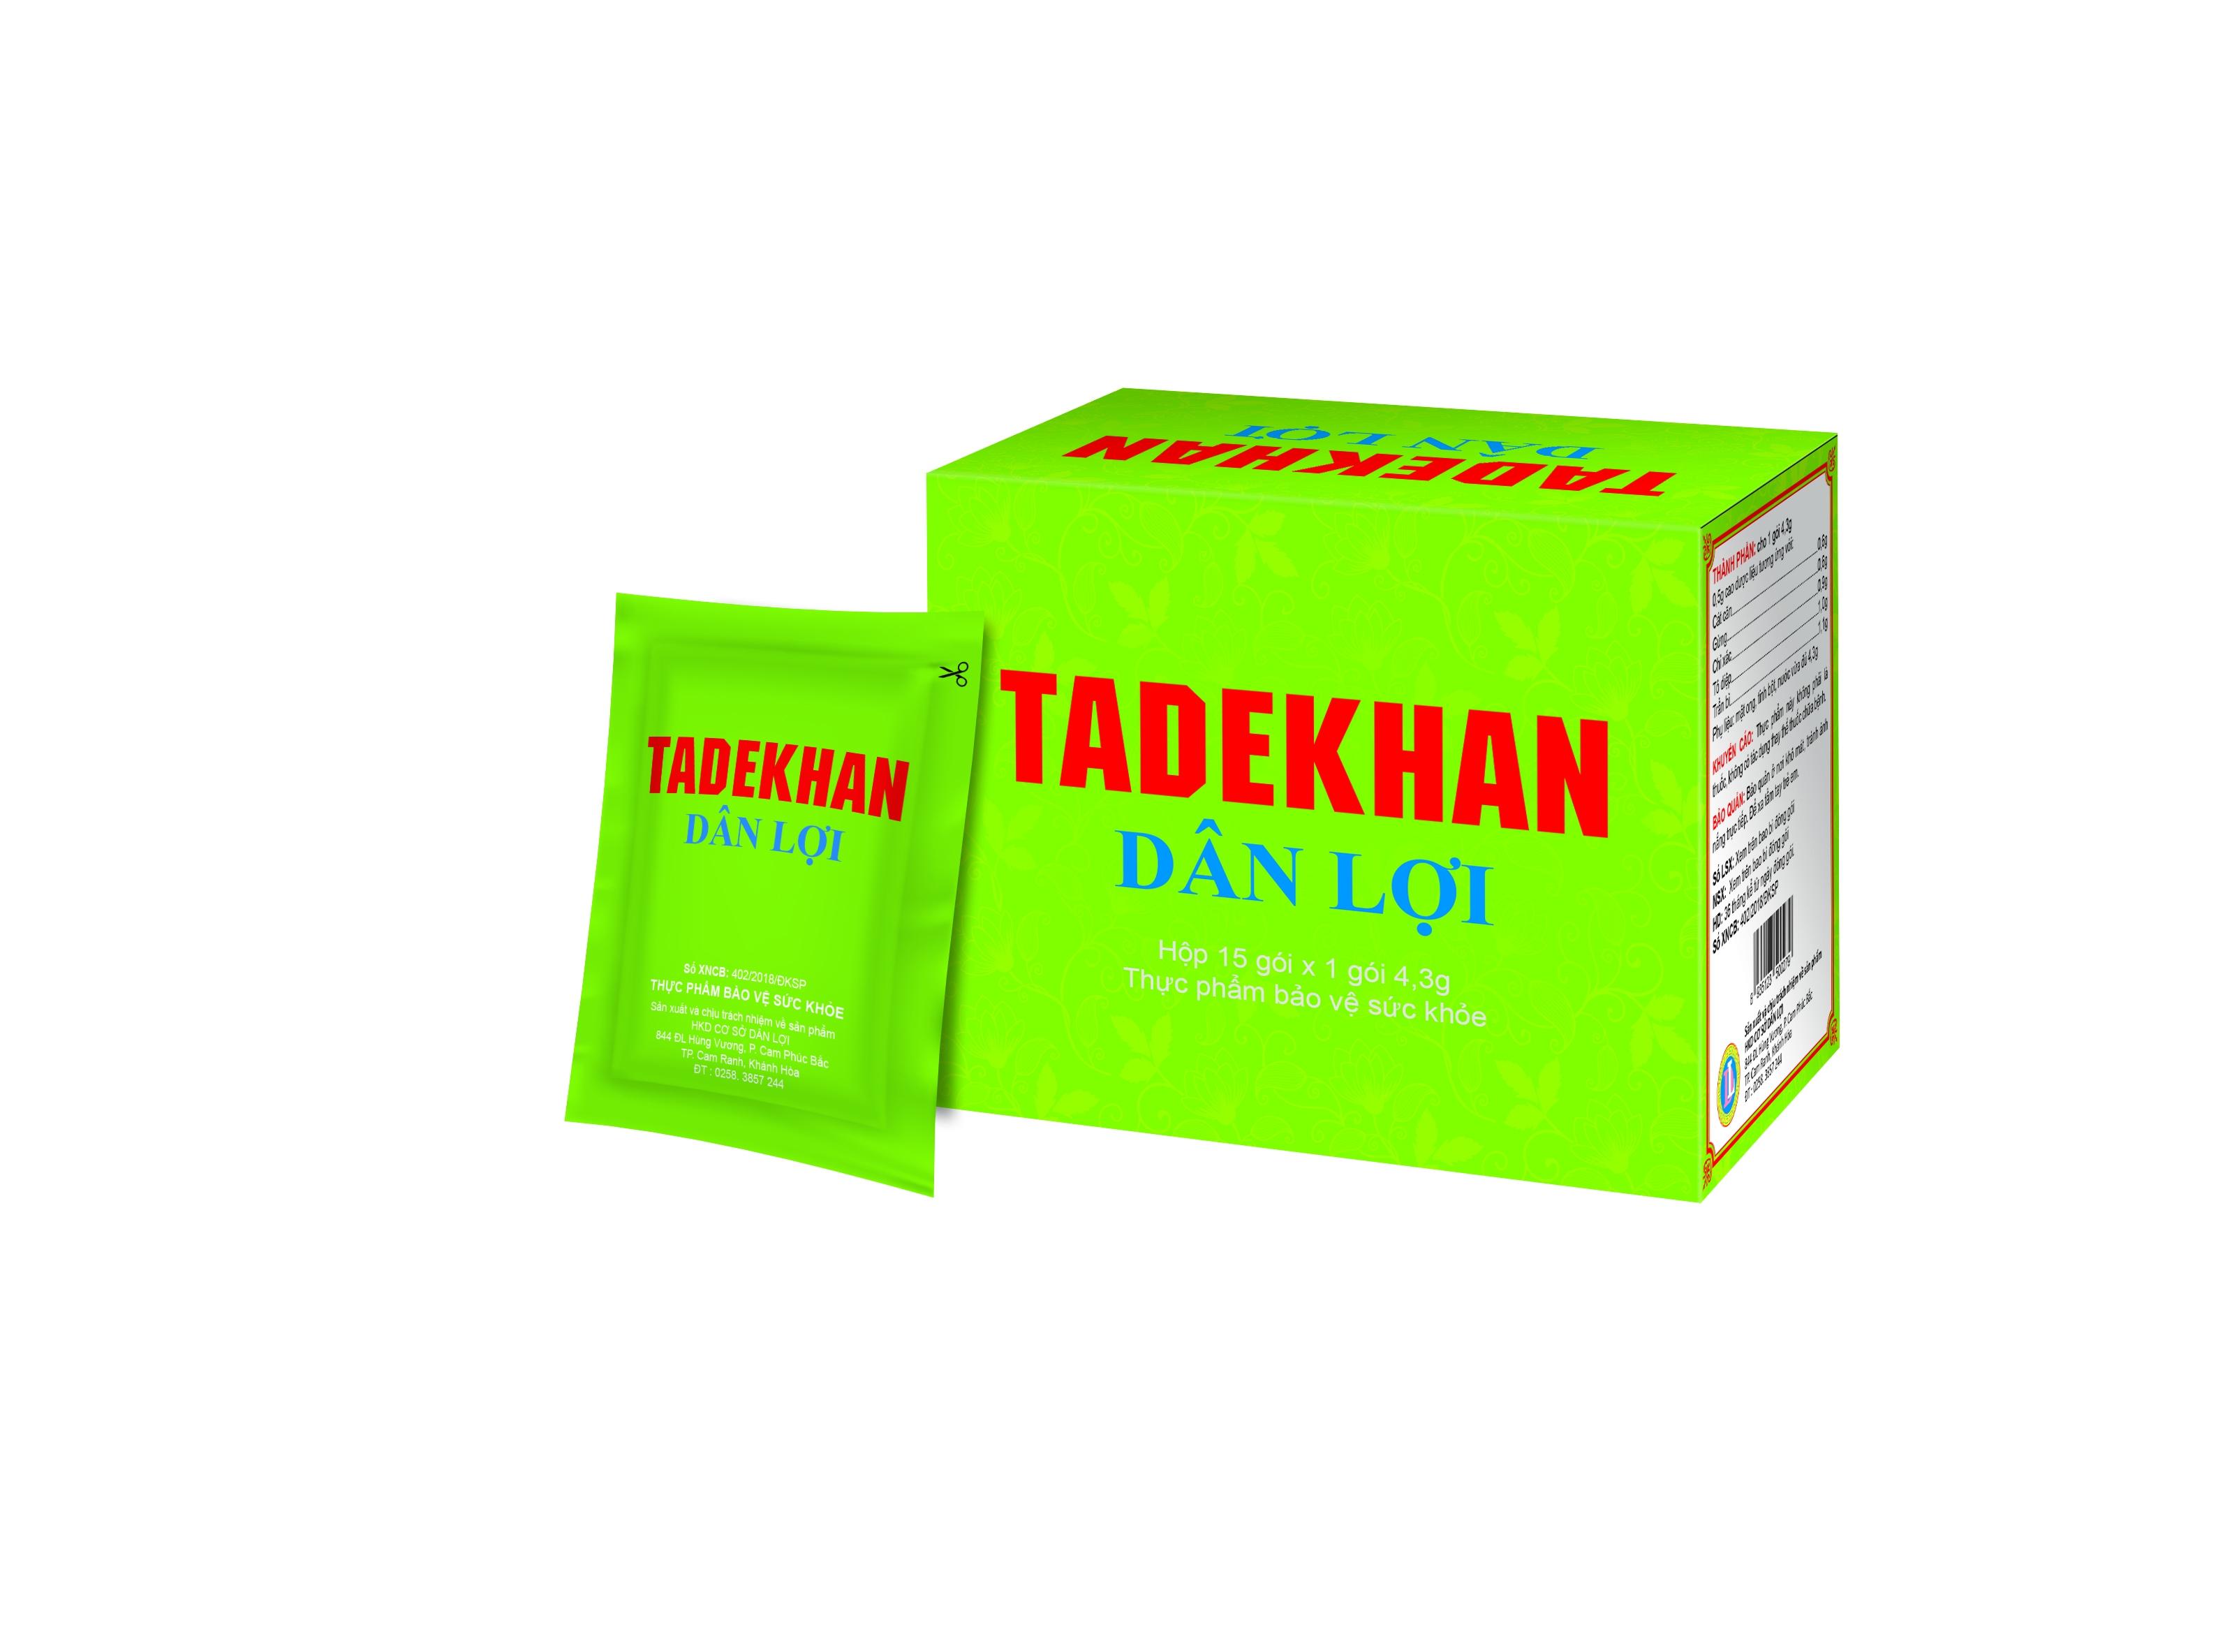 TADEKHAN